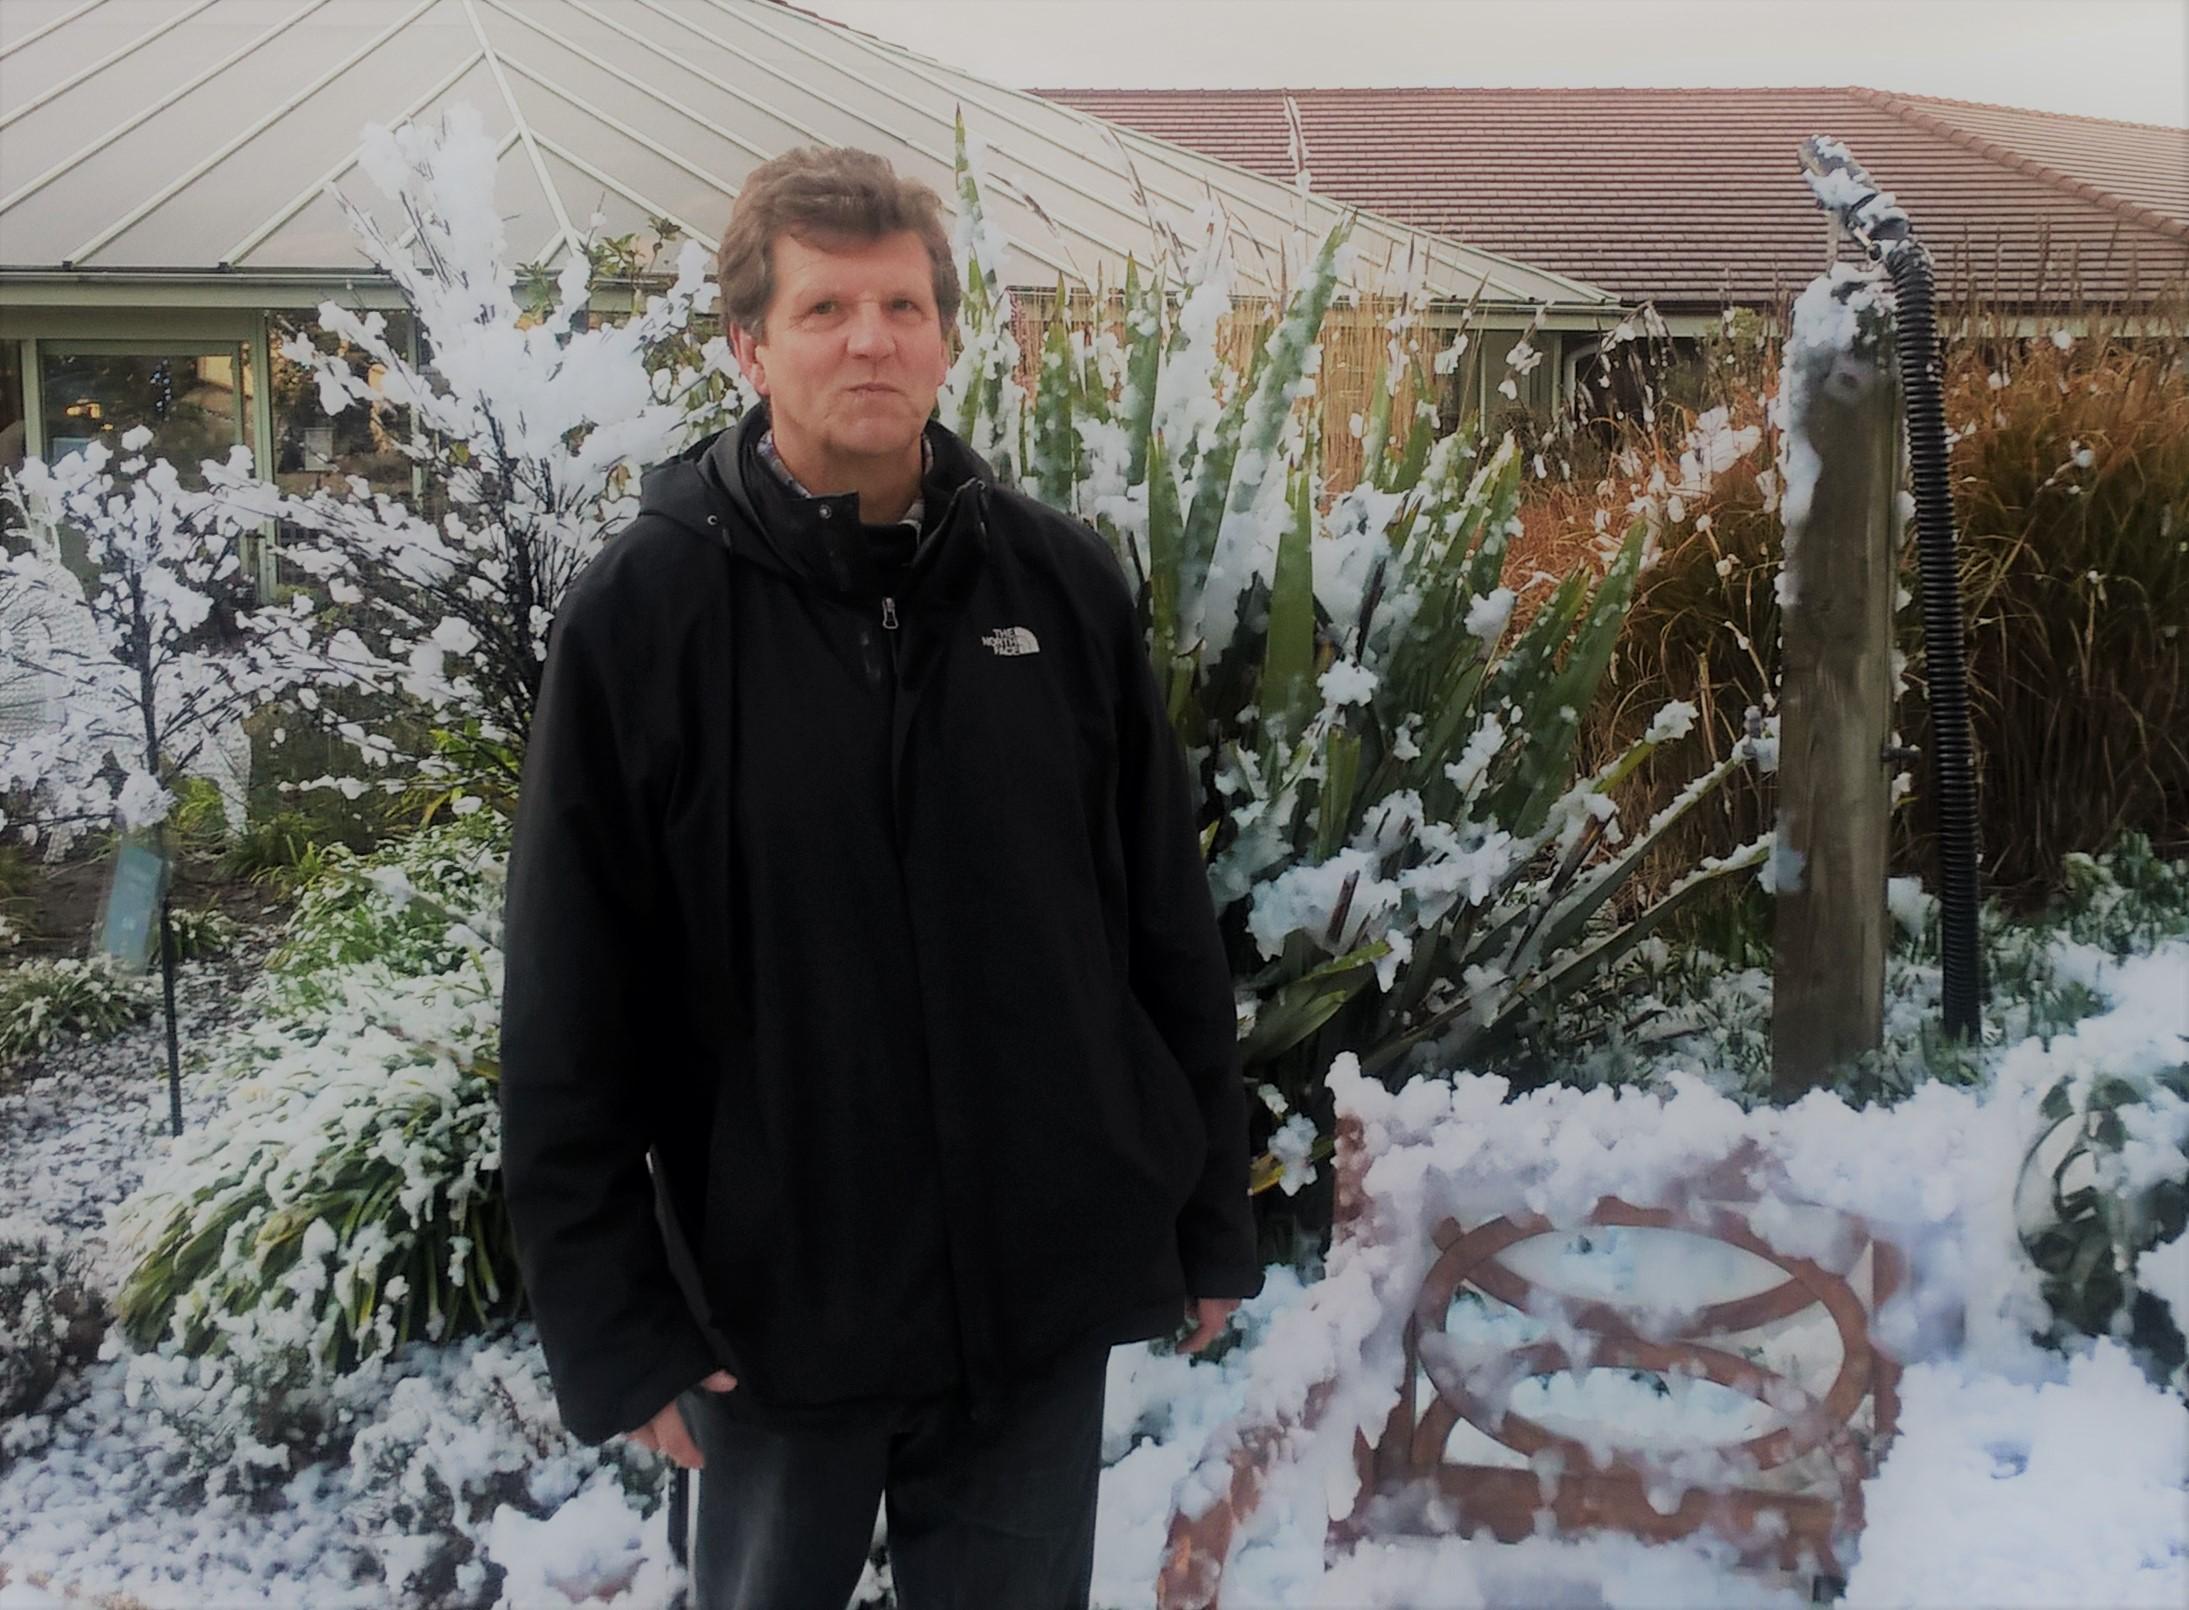 Garden Centre Faux Snow